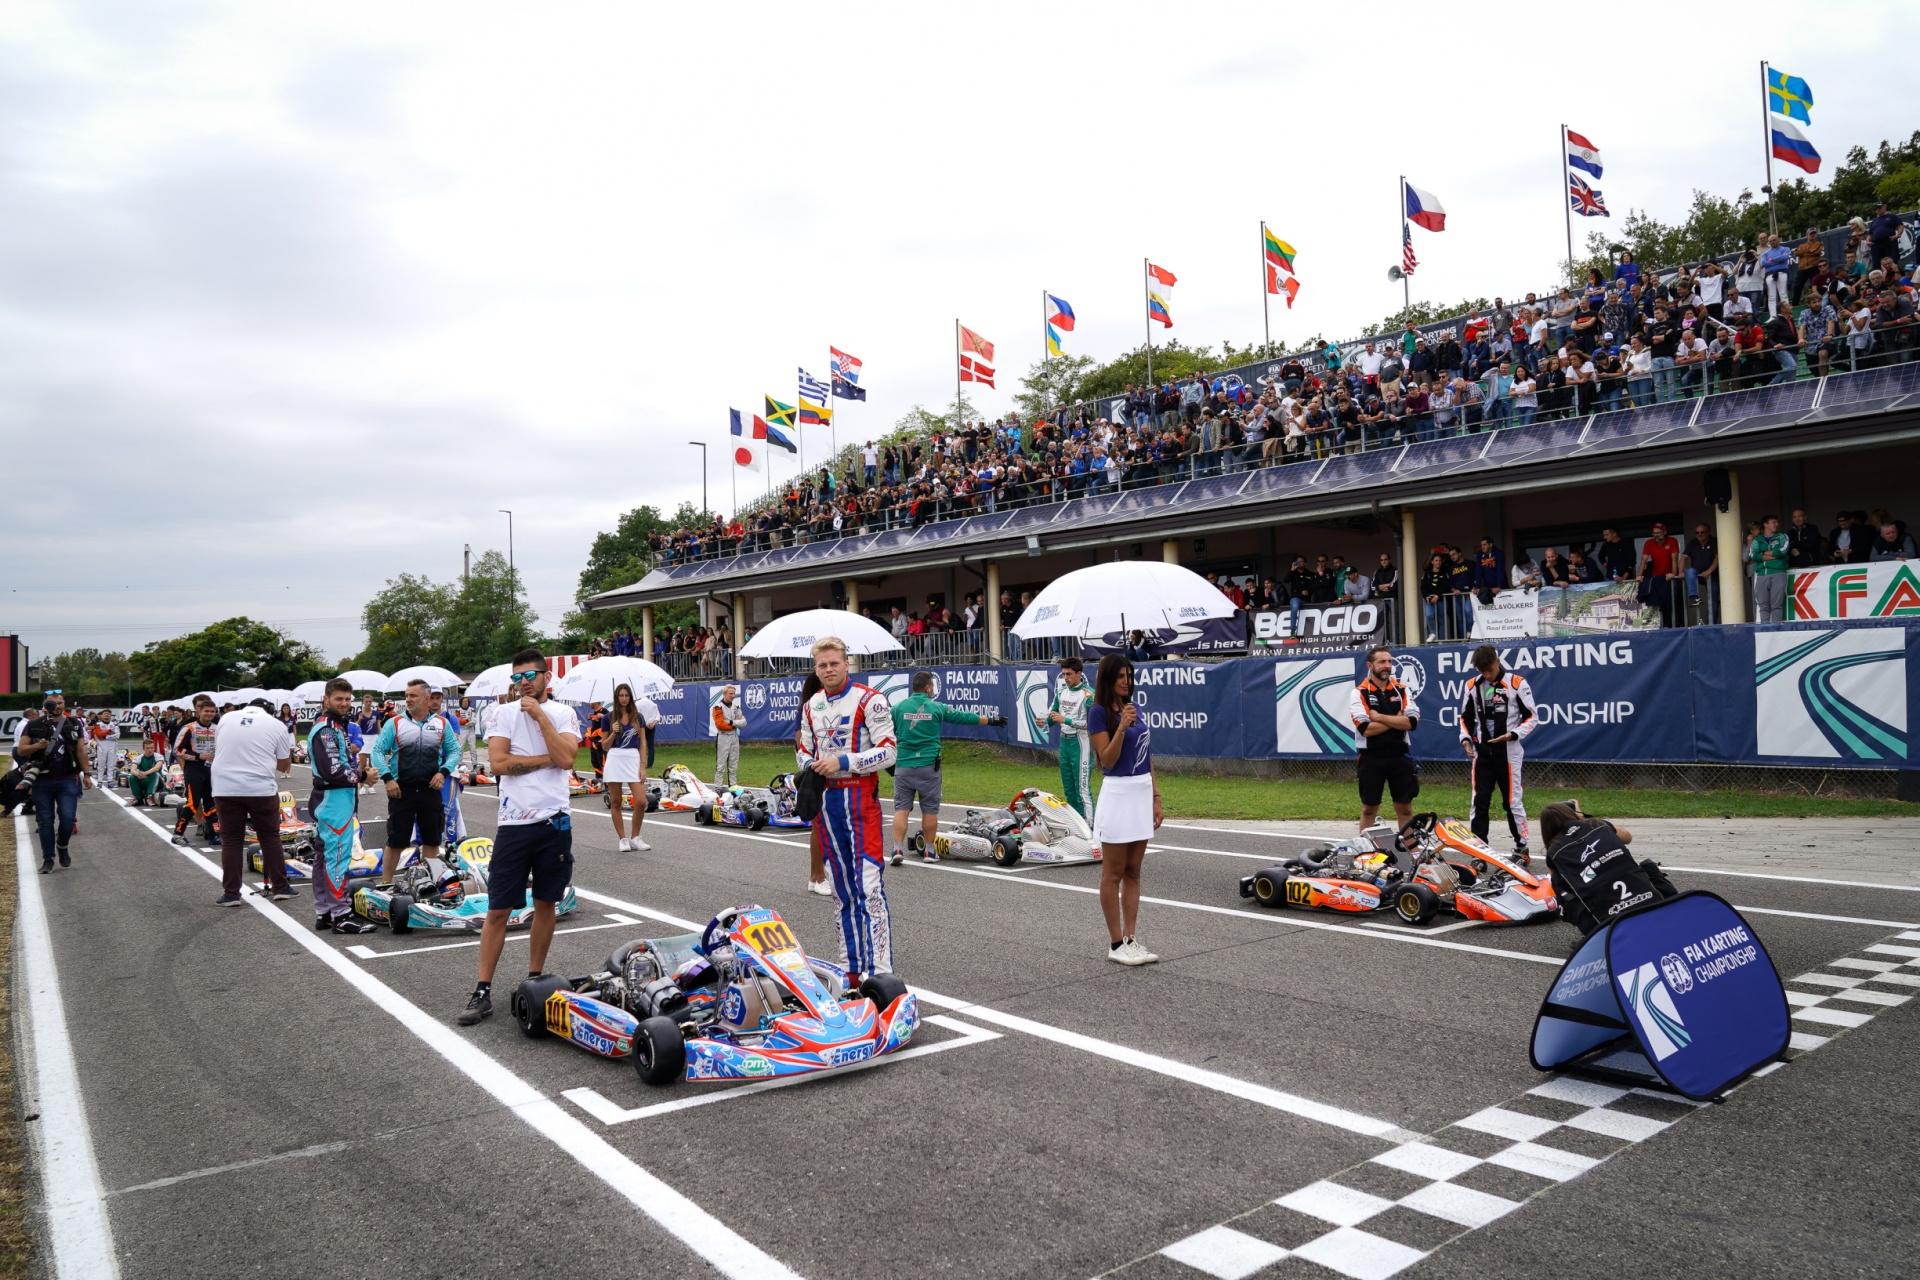 Calendario FIA Karting: Lonato reemplaza a Le Mans para el Campeonato del Mundo de KZ y la International Super Cup de KZ2